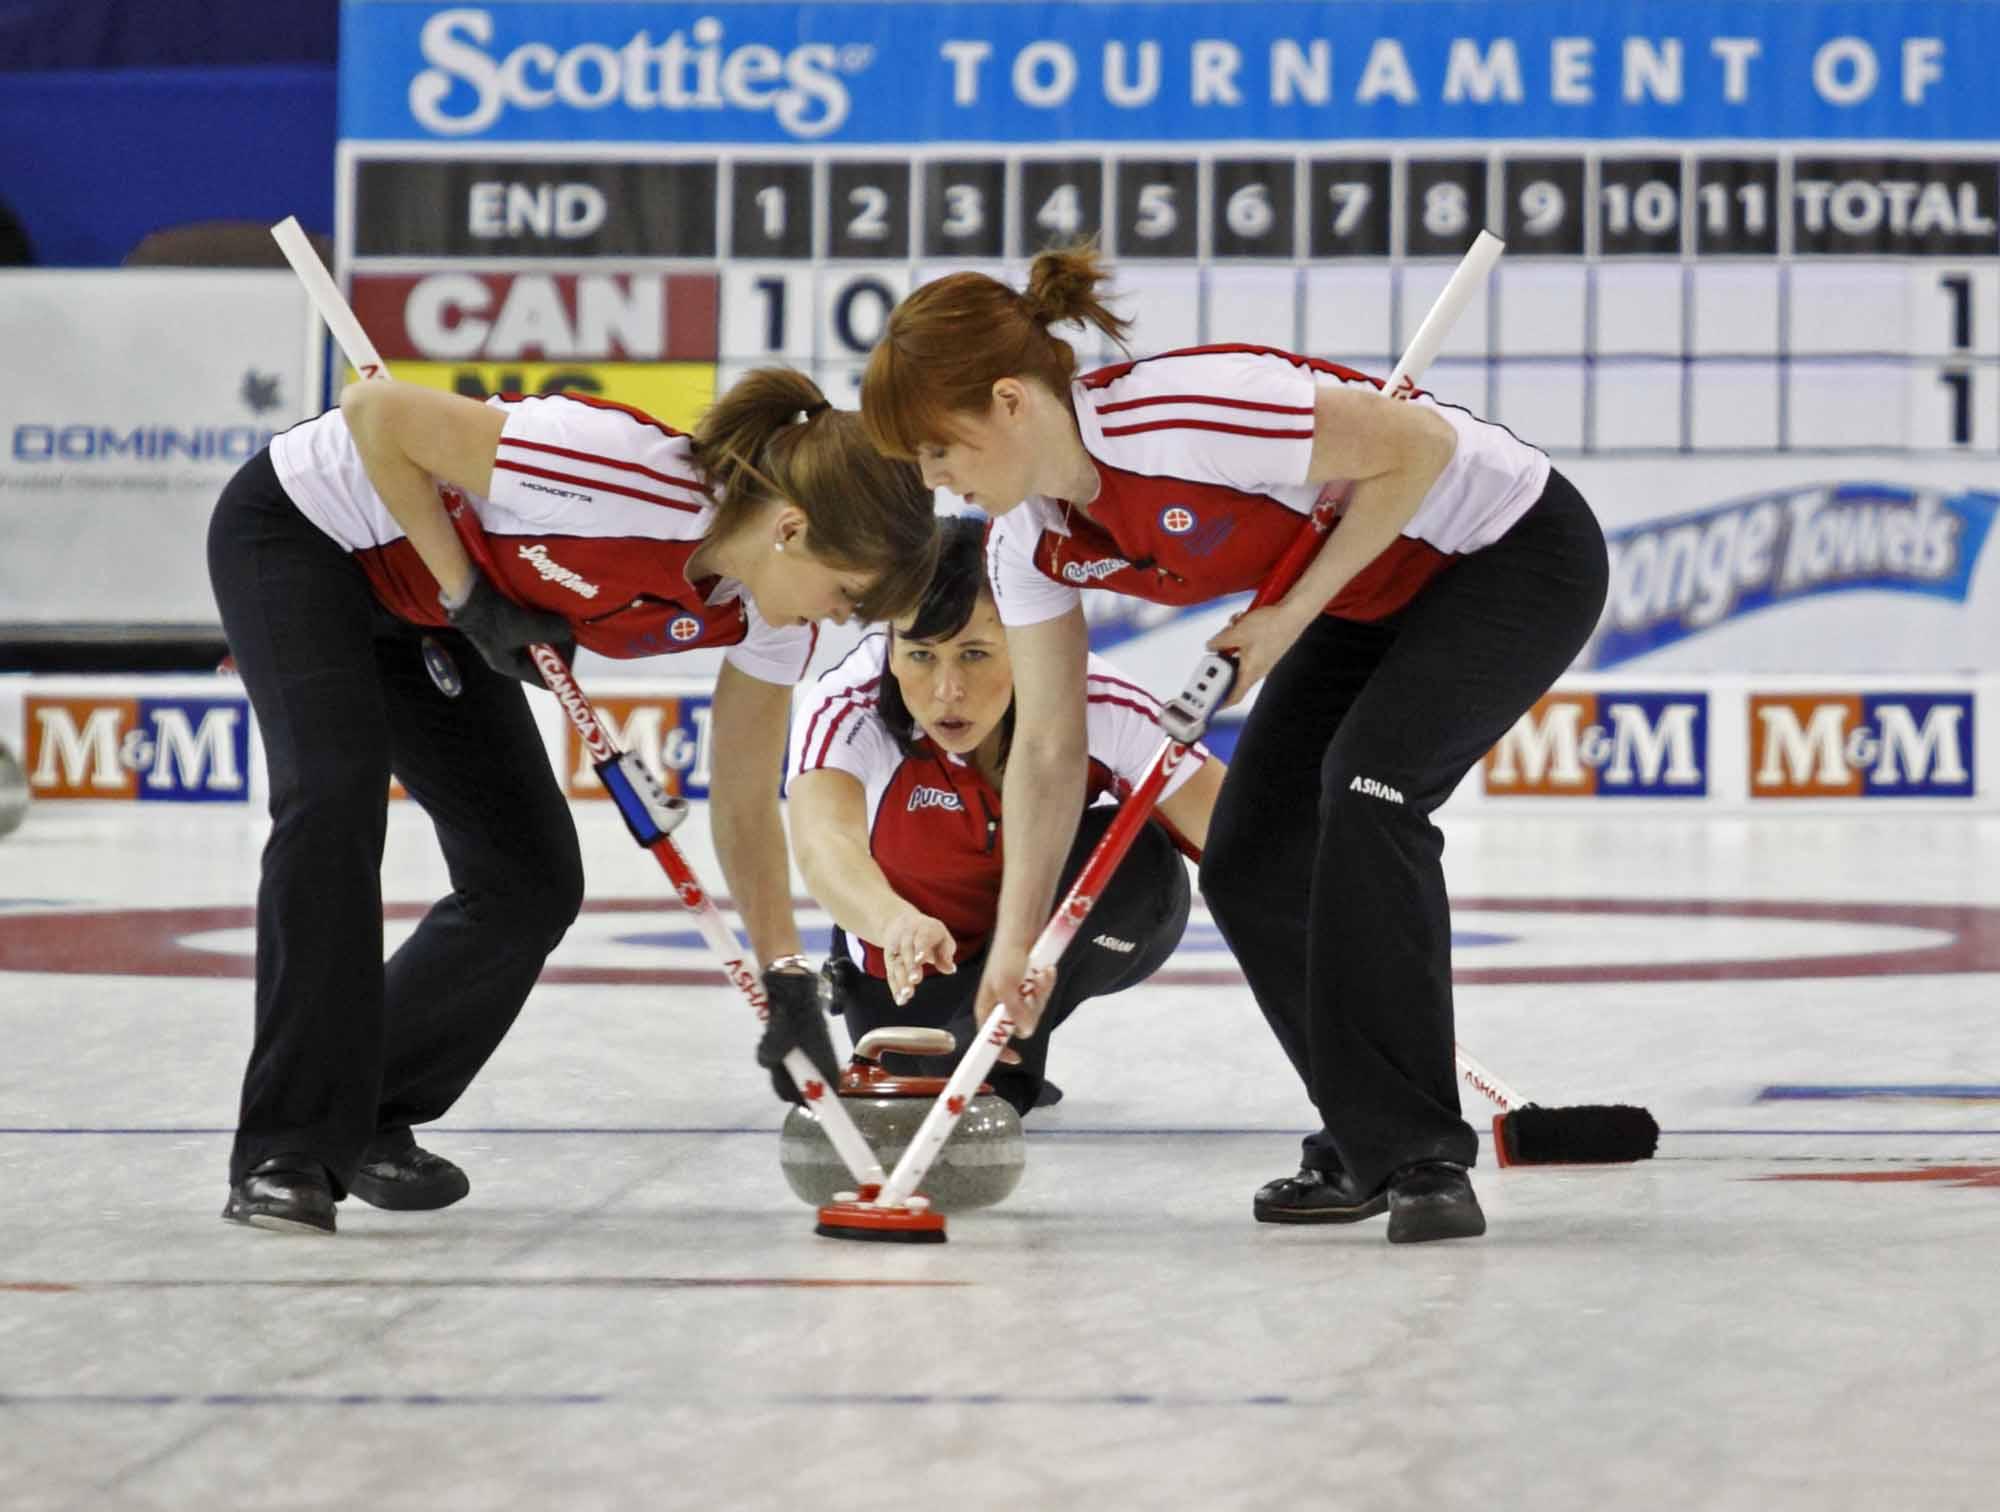 Scotties Curling Sweep